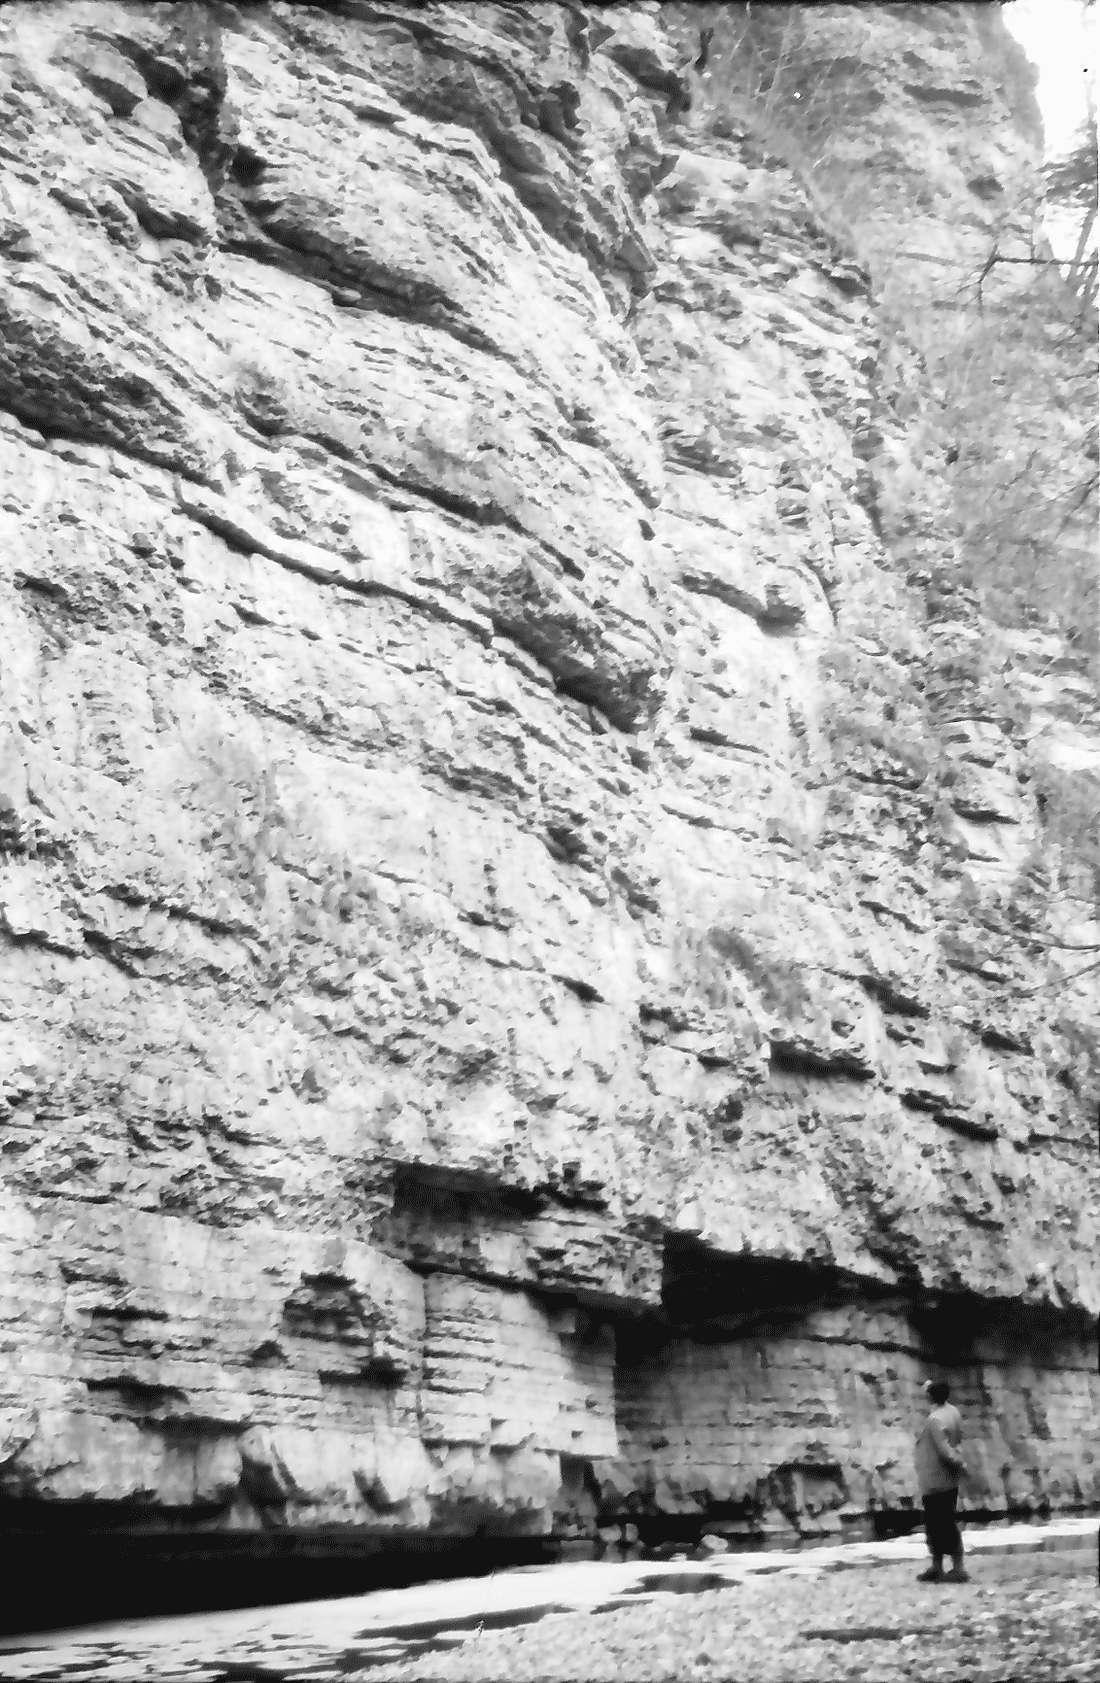 Münchingen: Wutachschlucht an der Felswand auf der Höhe Münchingen, Bild 1